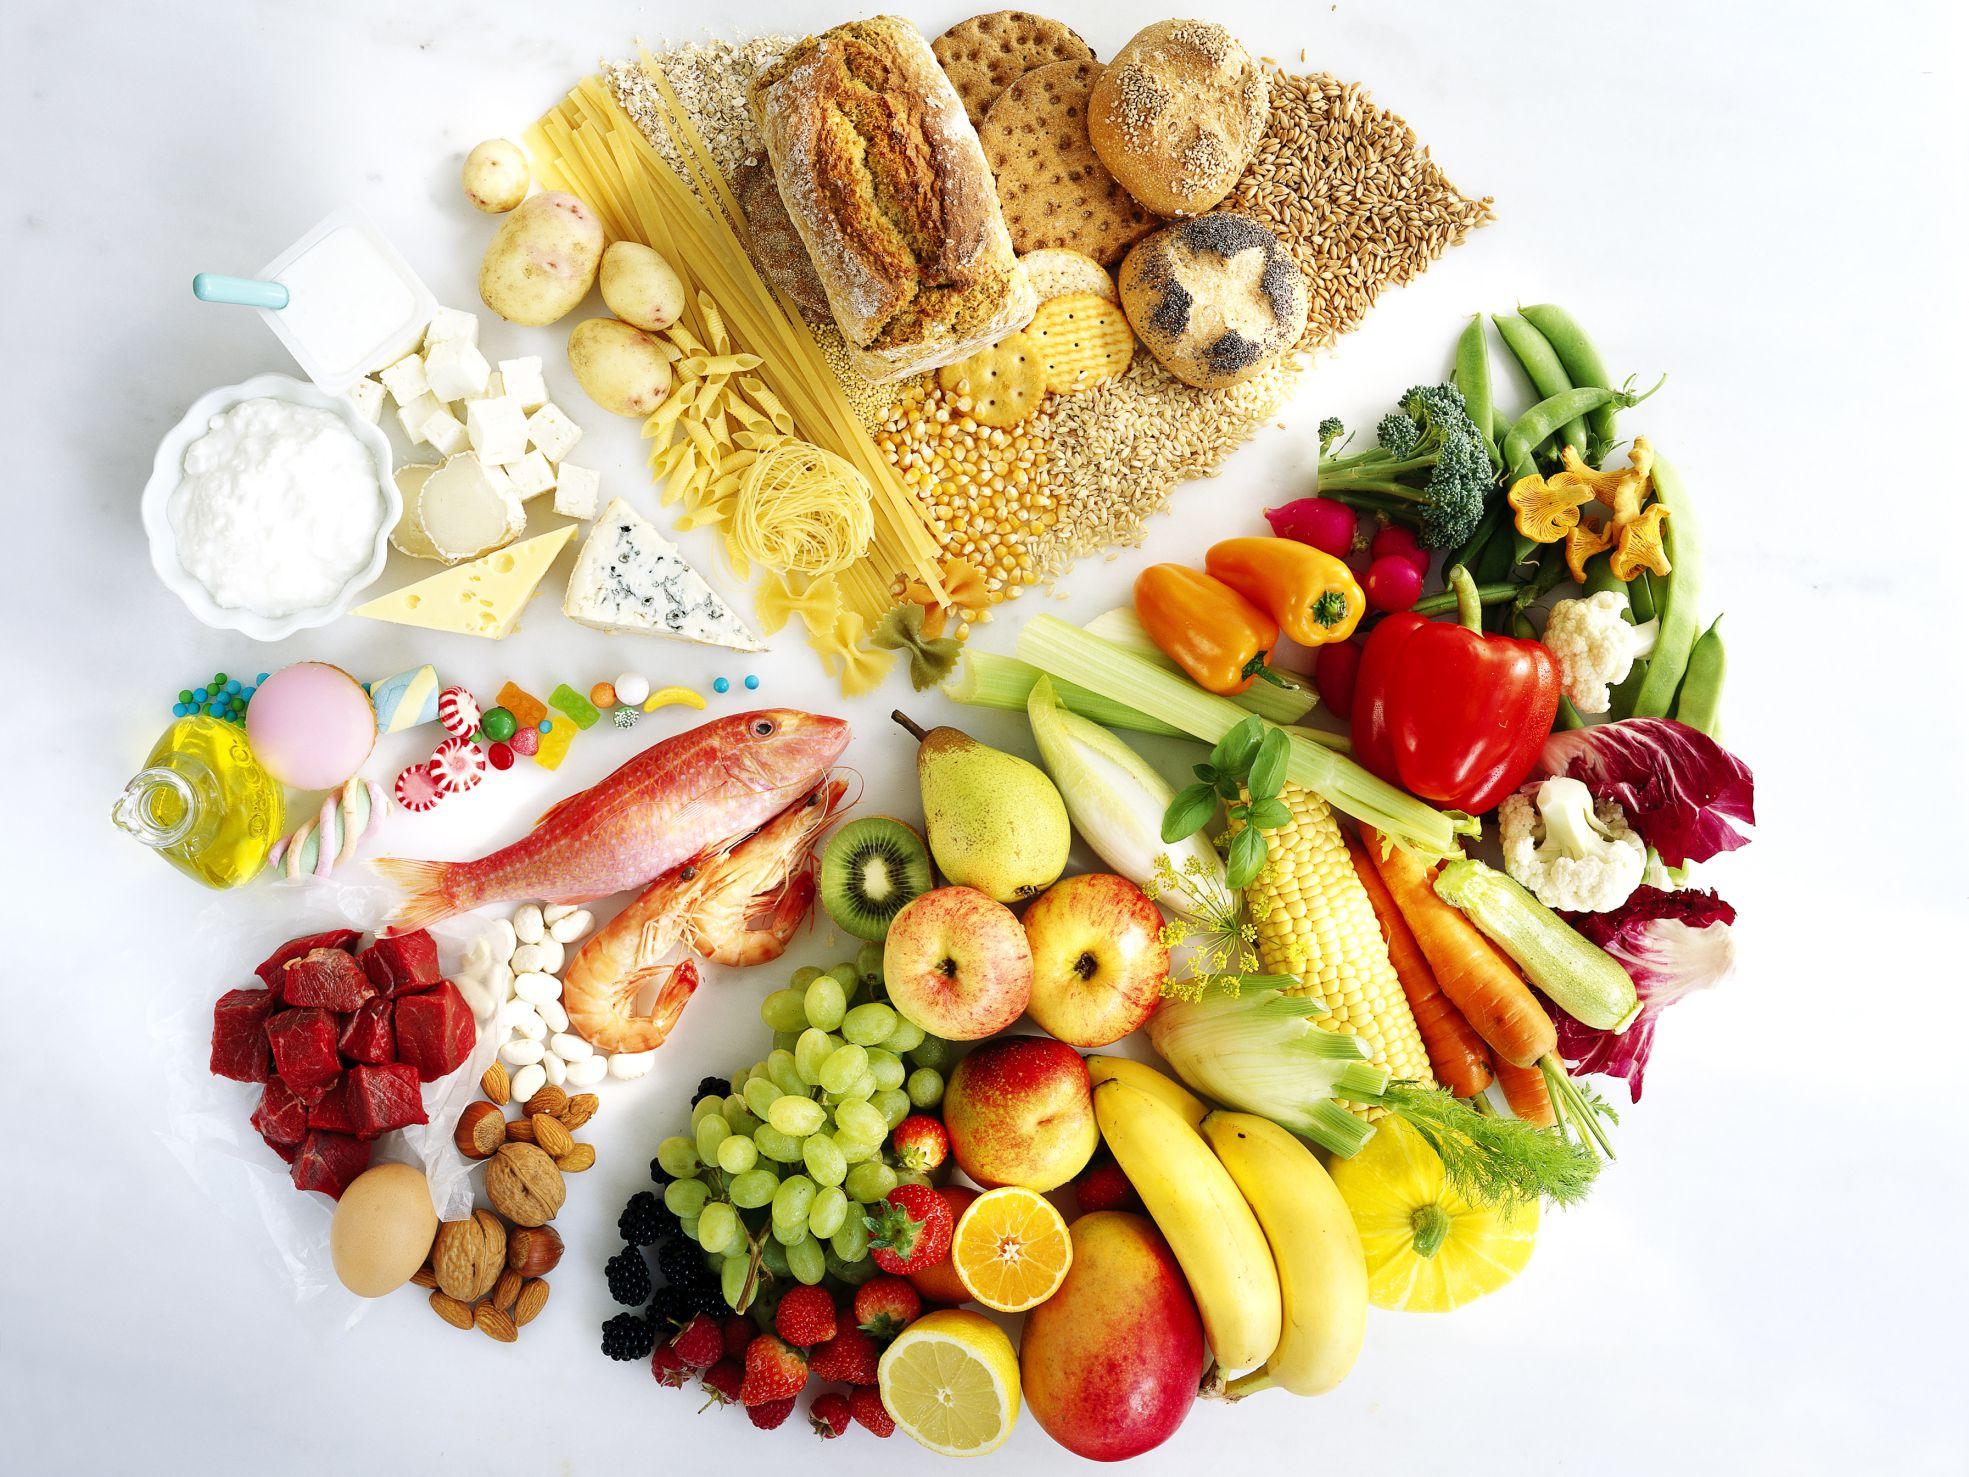 alimentacion y su relacion con la salud